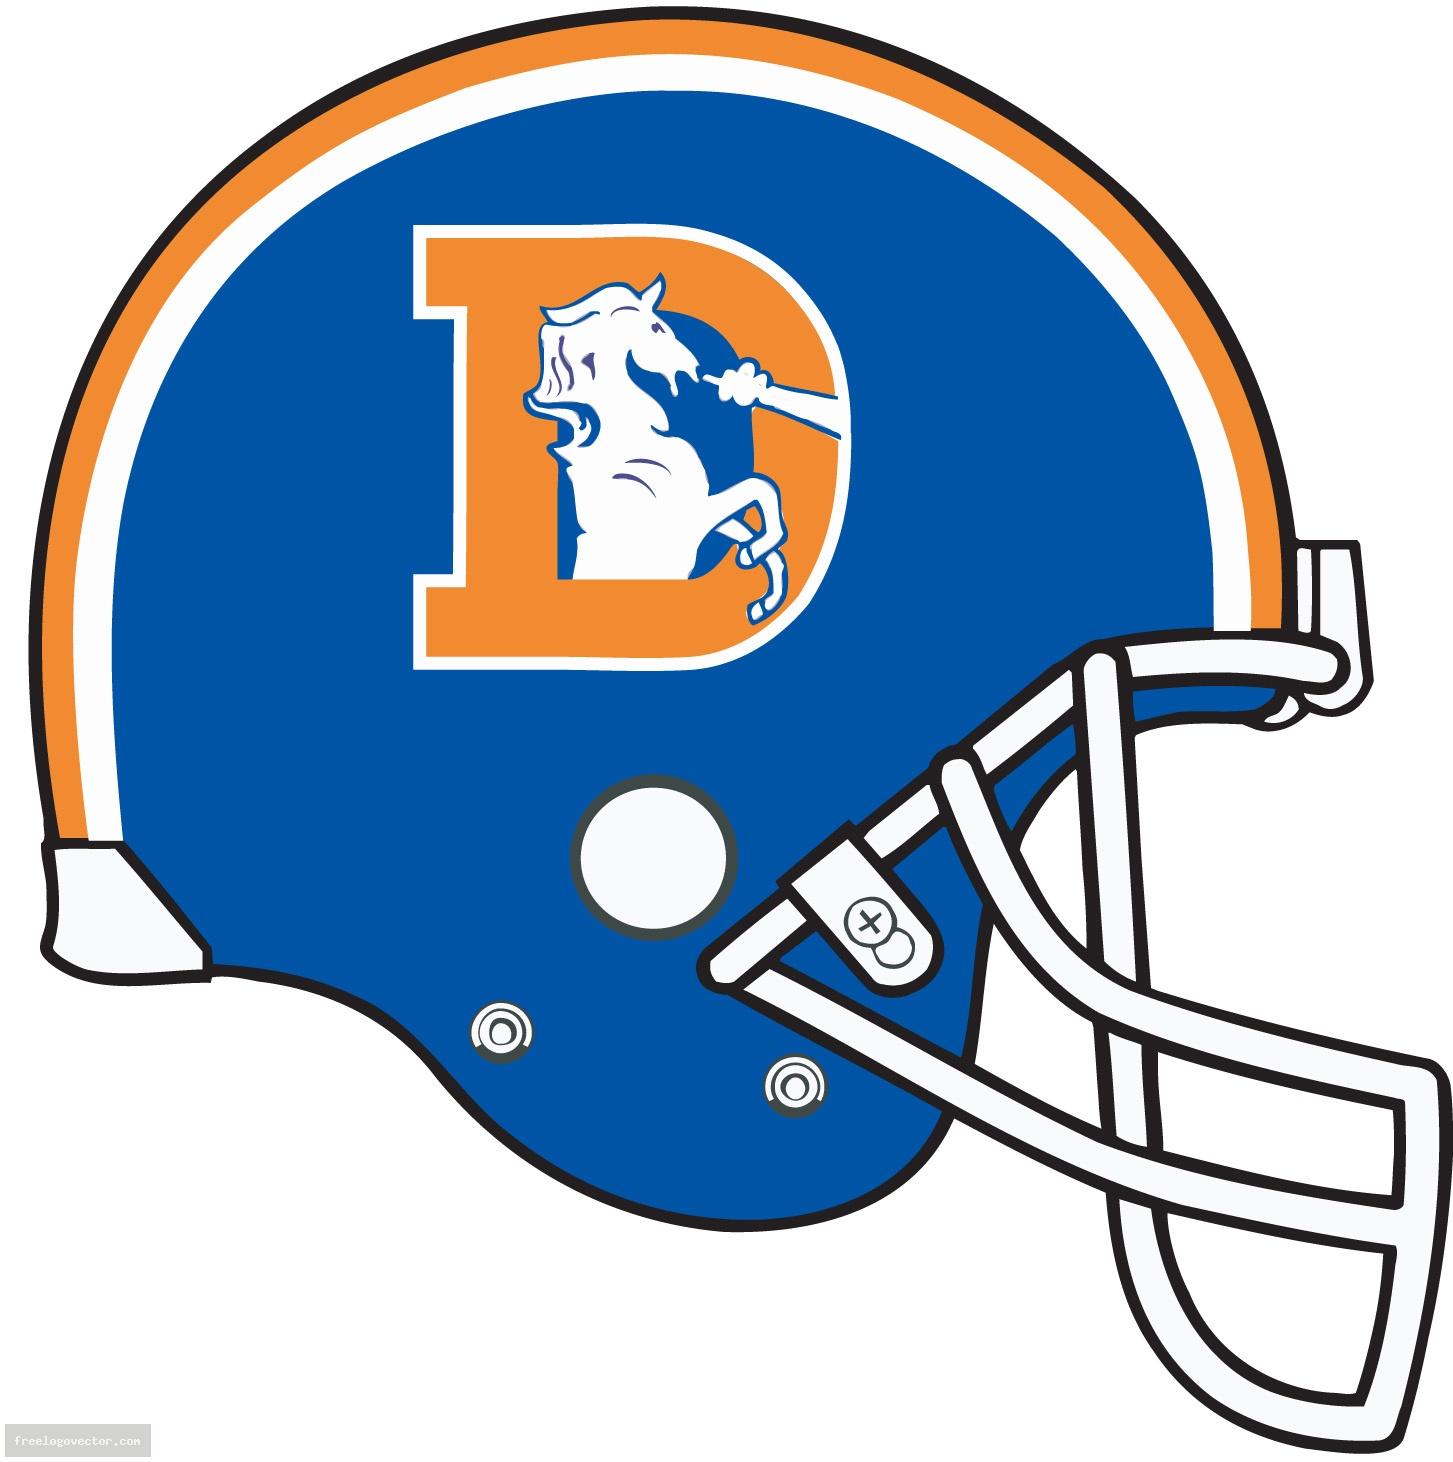 Denver Broncos Alternate Logo Images   Pictures   Becuo